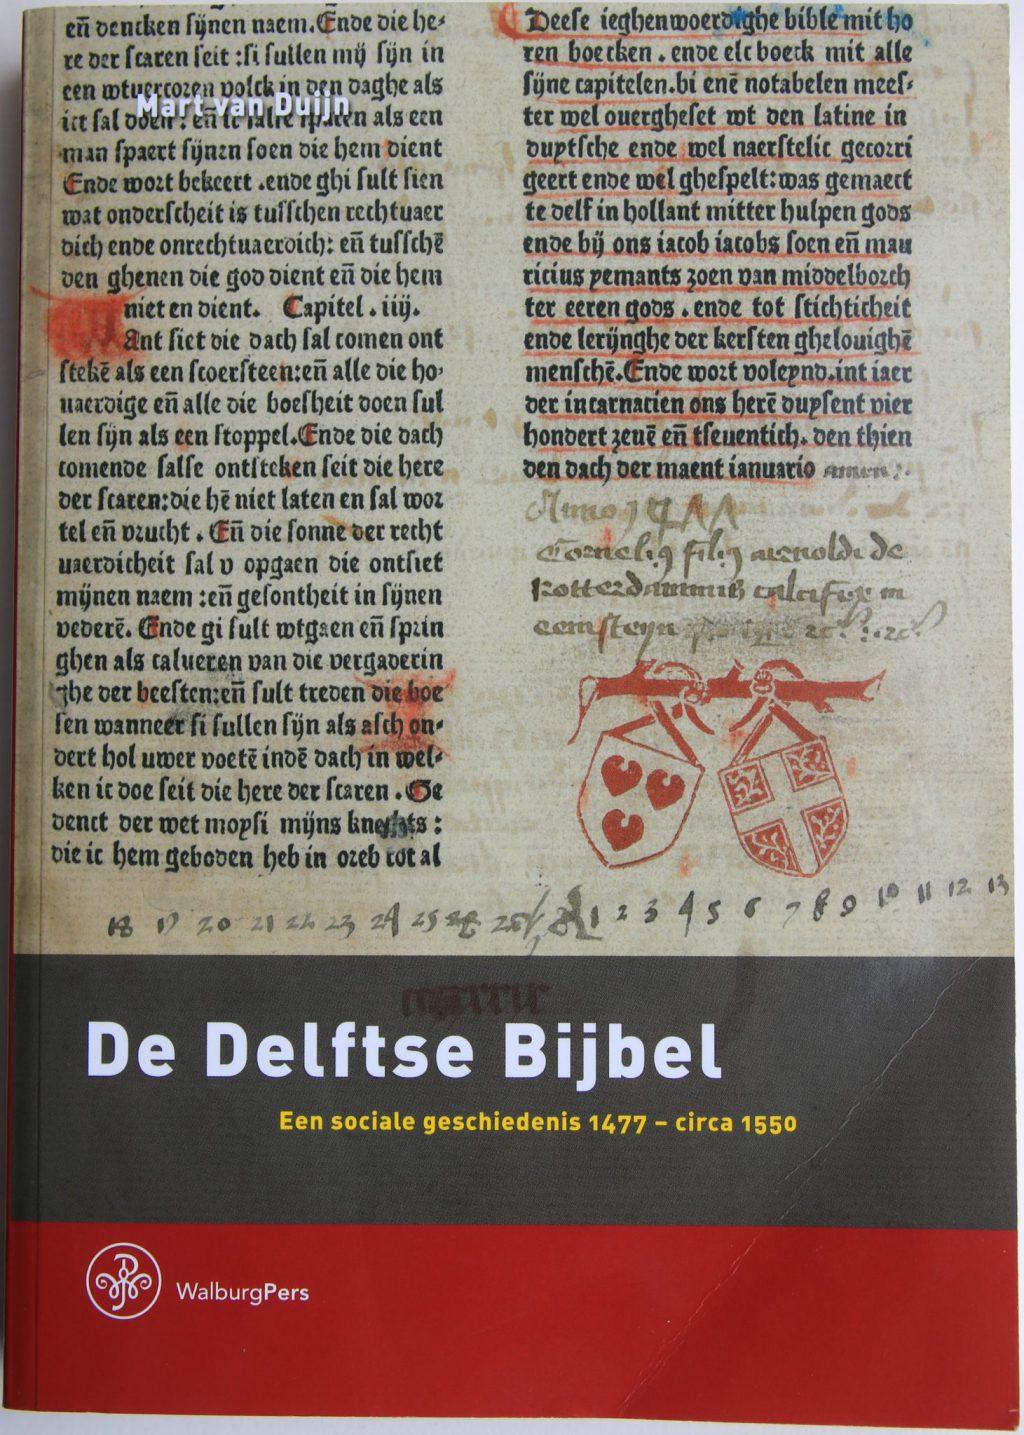 Mart van Duijn, De Delftse Bijbel. Een sociale geschiedenis 1477 – circa 1550 (Zutphen, 2017)